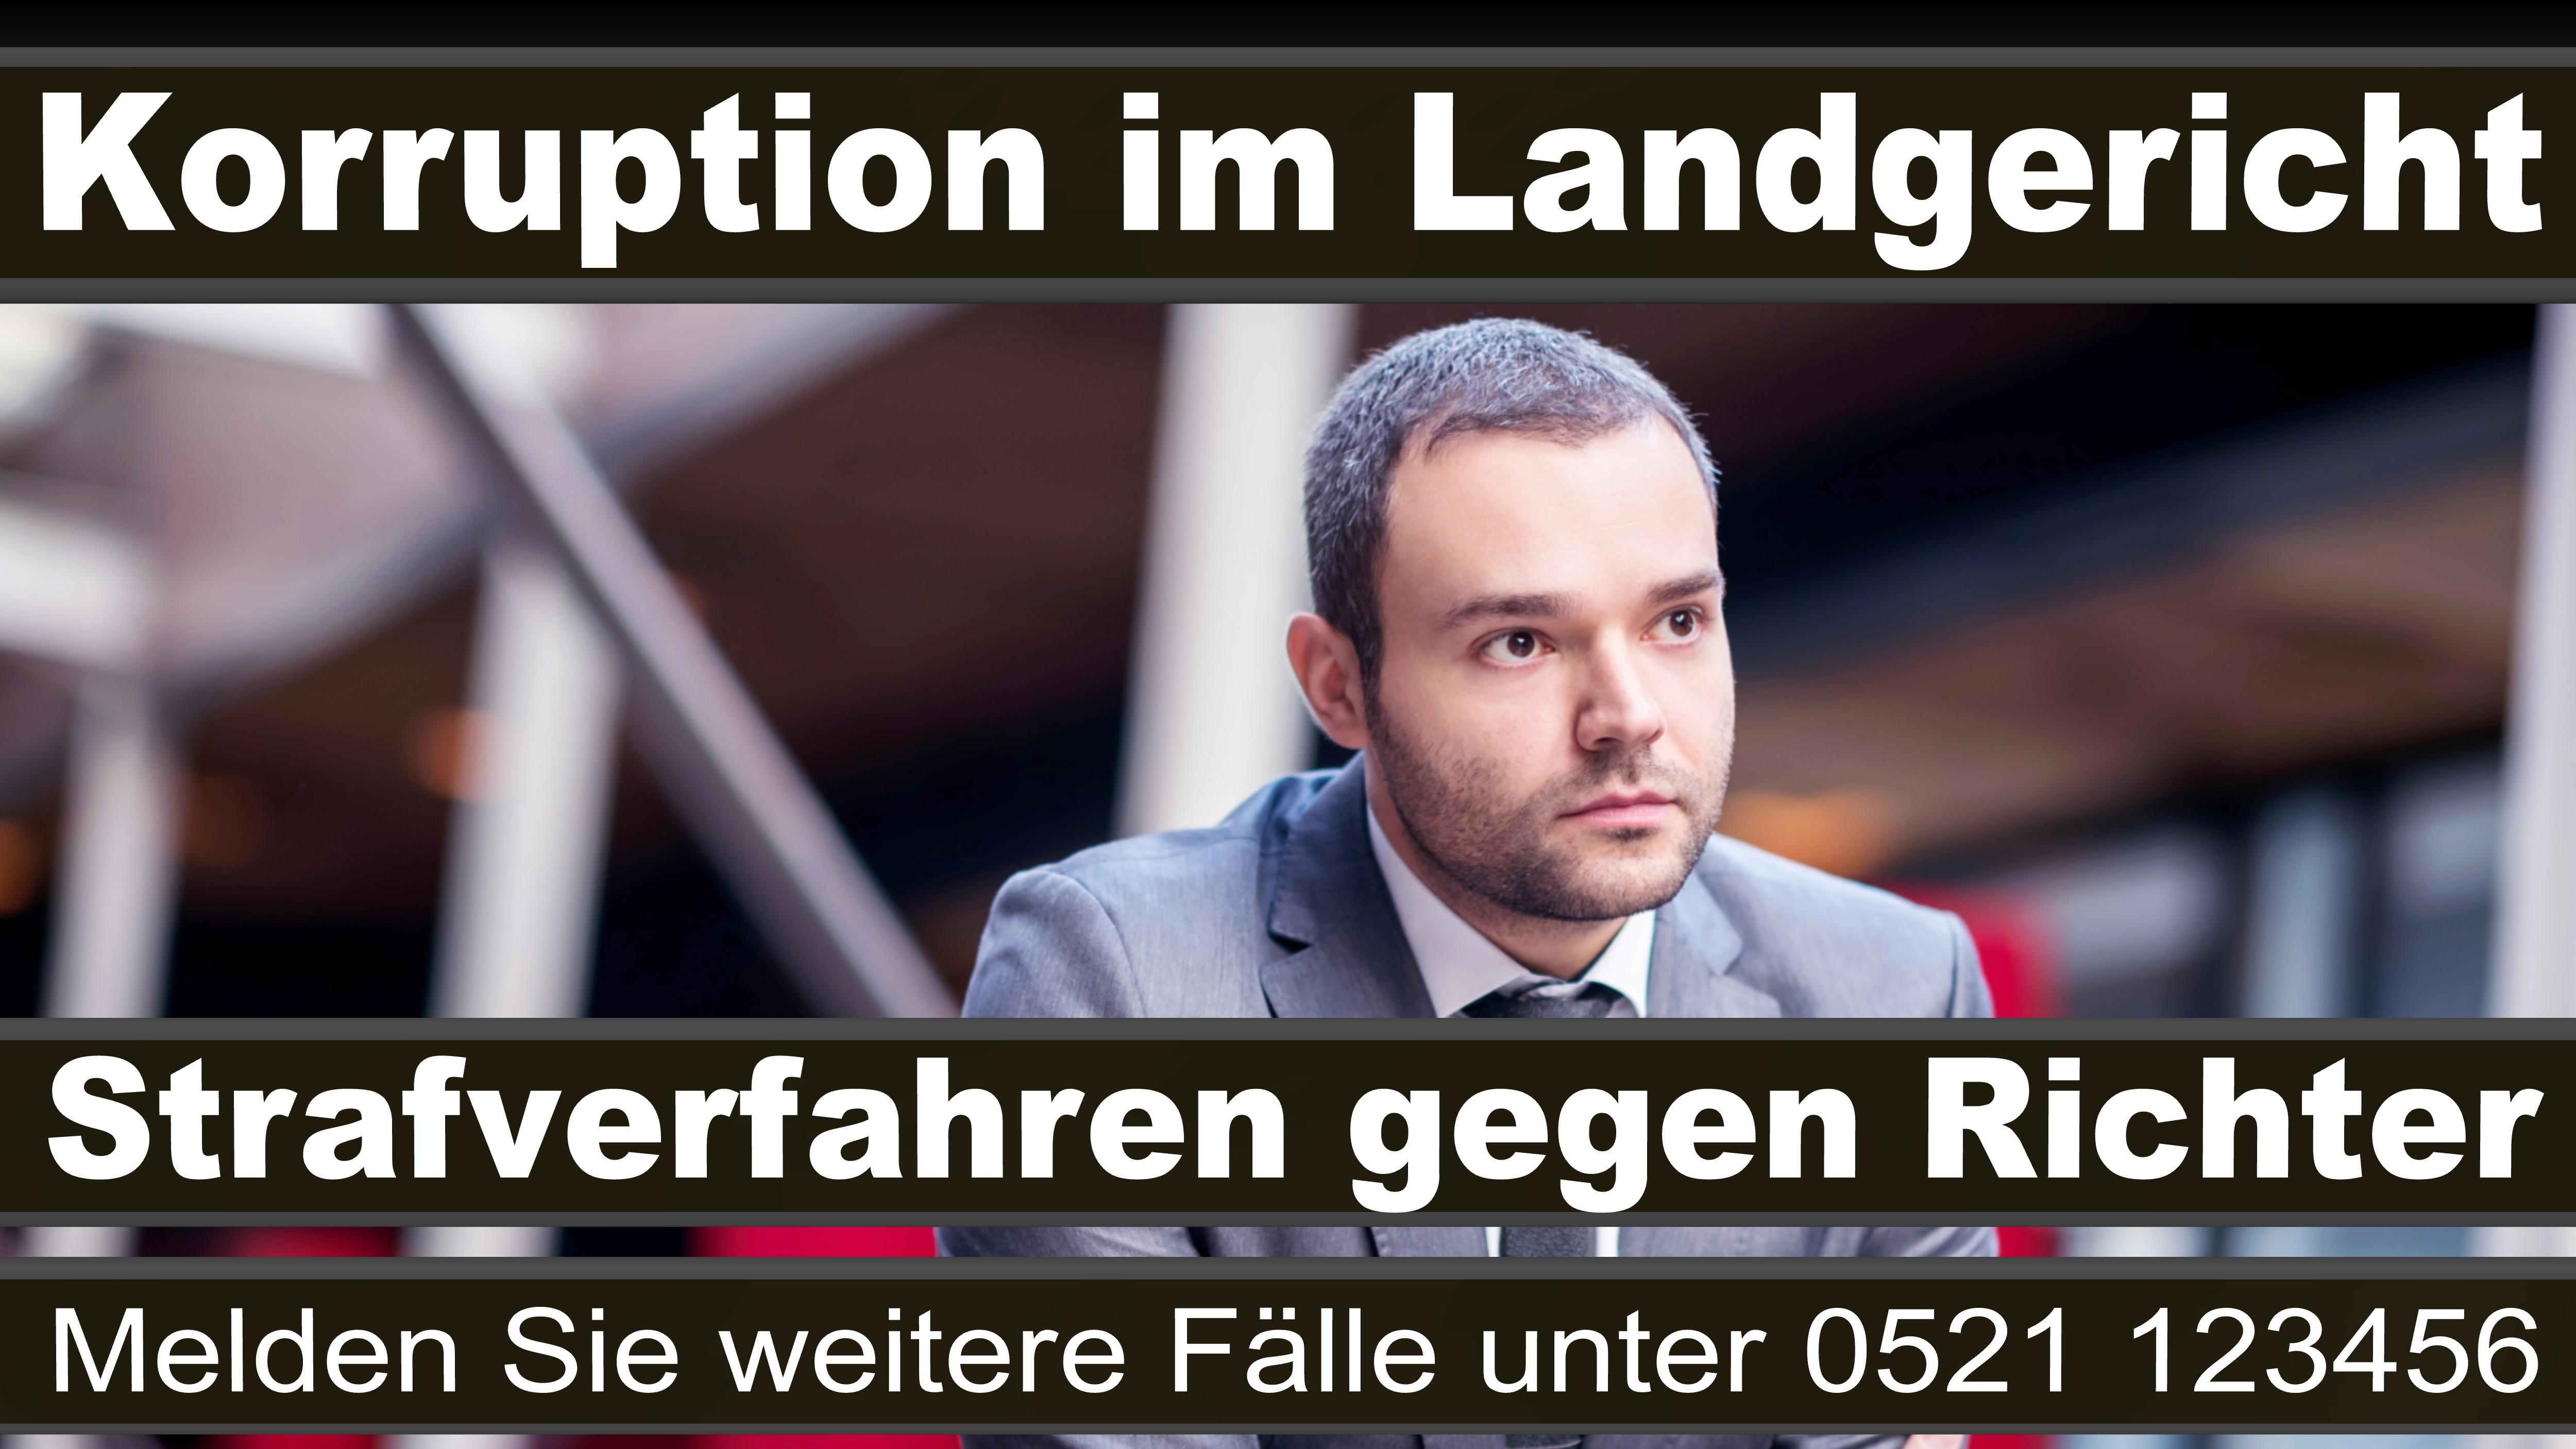 Landgericht Görlitz Bautzen OLG Dresden Oberlandesgericht Dresden Termine Anfahrt CDU Rechtsbeugung Korruption Parteiverrat Rechtsanwalt Polizei Staatsanwalt verteilt